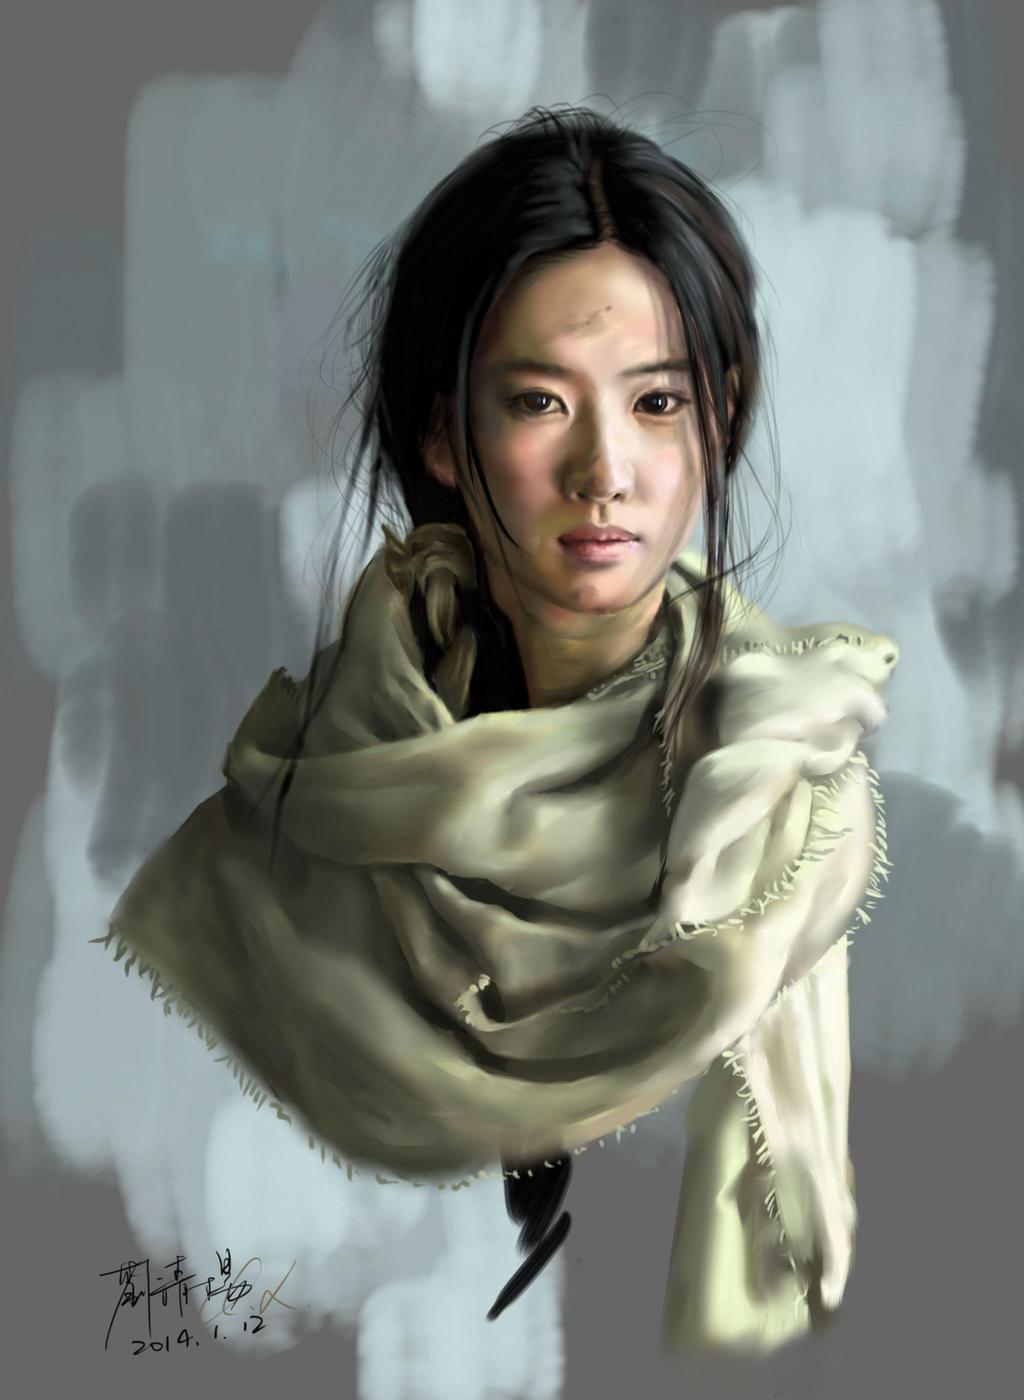 Yifei Liu: Yifei Liu By Buriedflowers On DeviantArt